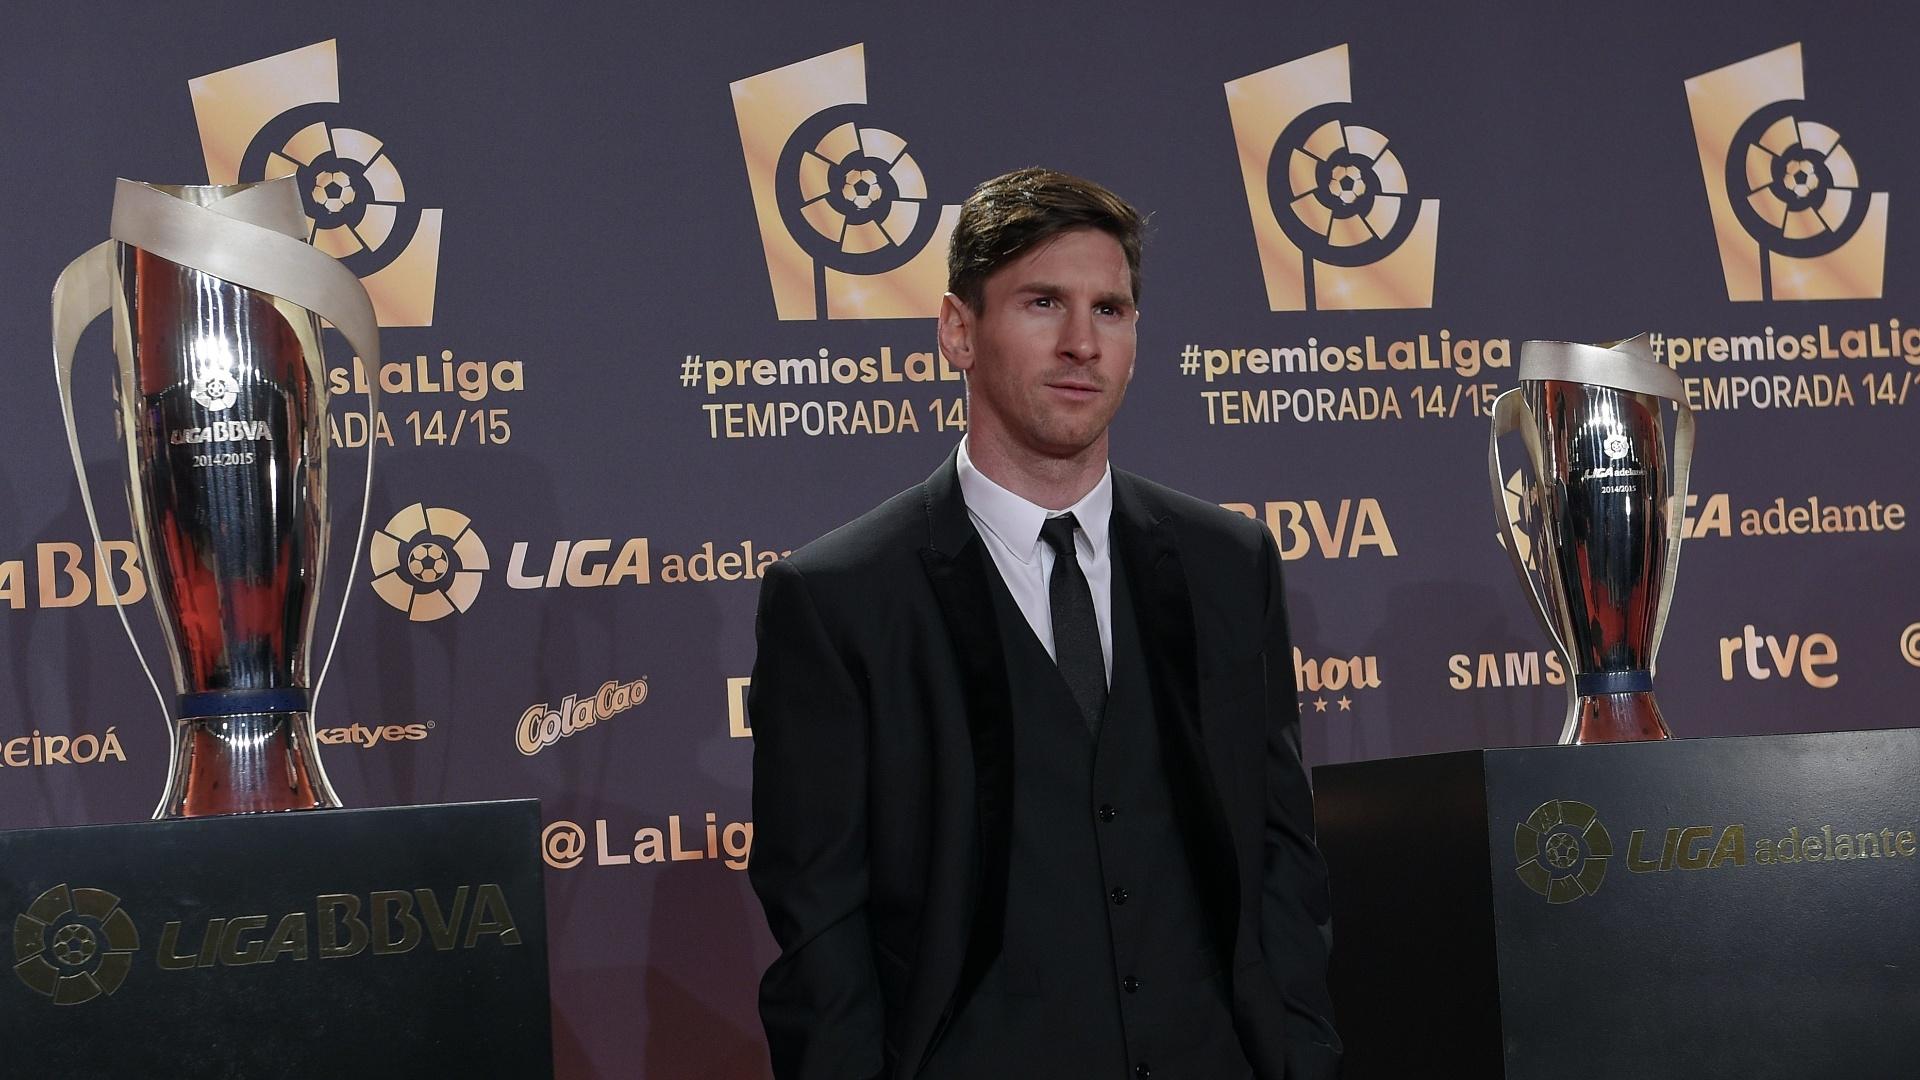 Lionel Messi também compareceu ao evento que premiará os melhores jogadores da temporada 2014/2015 do Espanhol